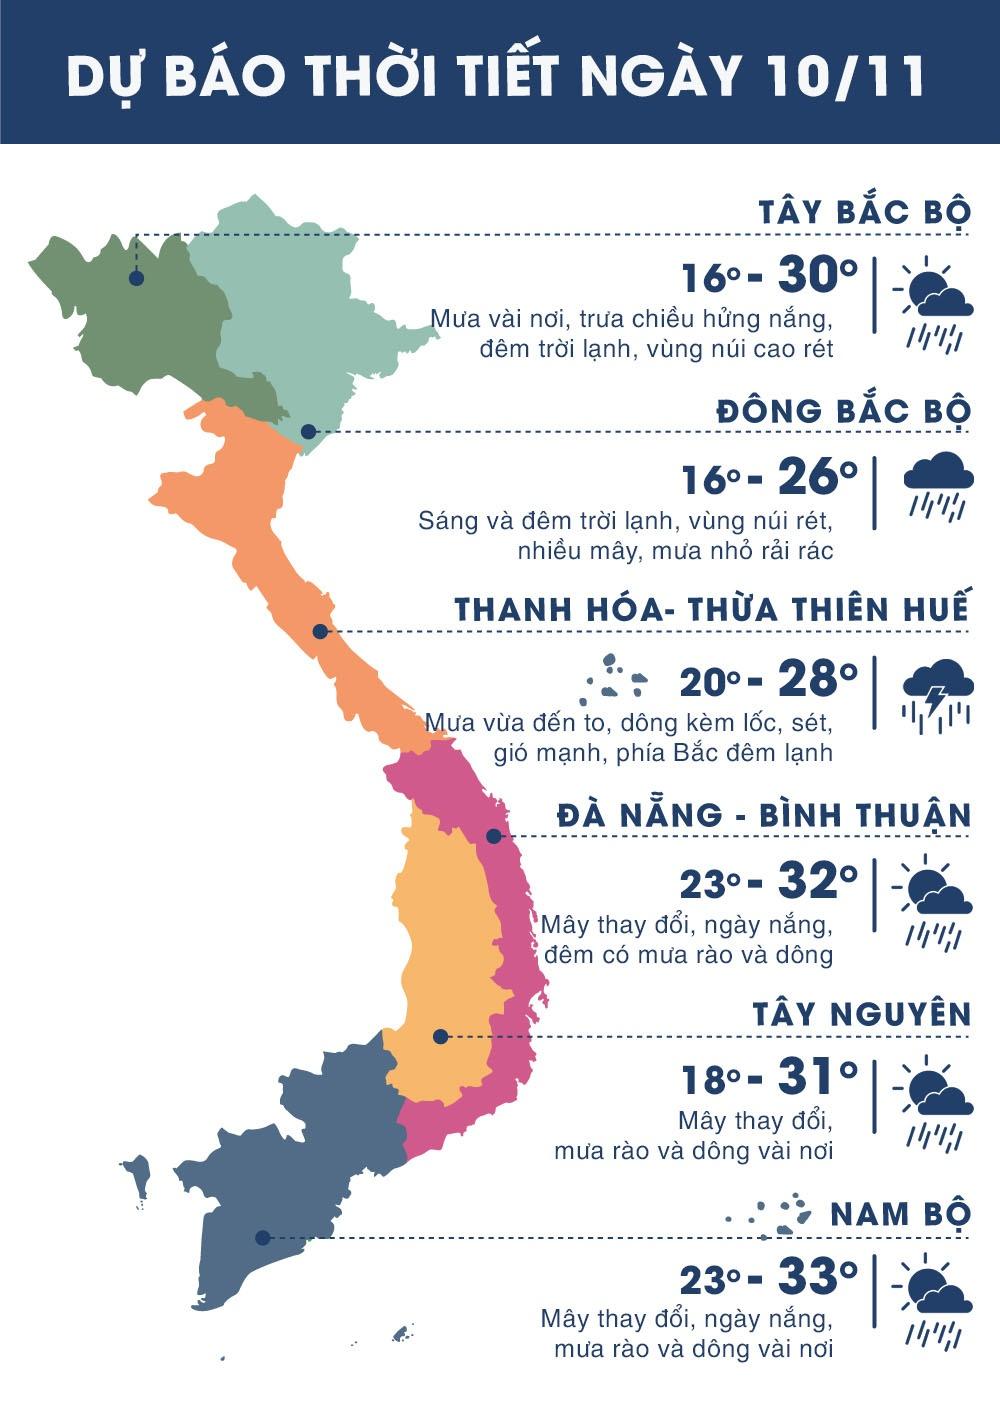 Thời tiết ngày 10/11: Sài Gòn nắng nóng 34 độ C, Hà Nội se lạnh